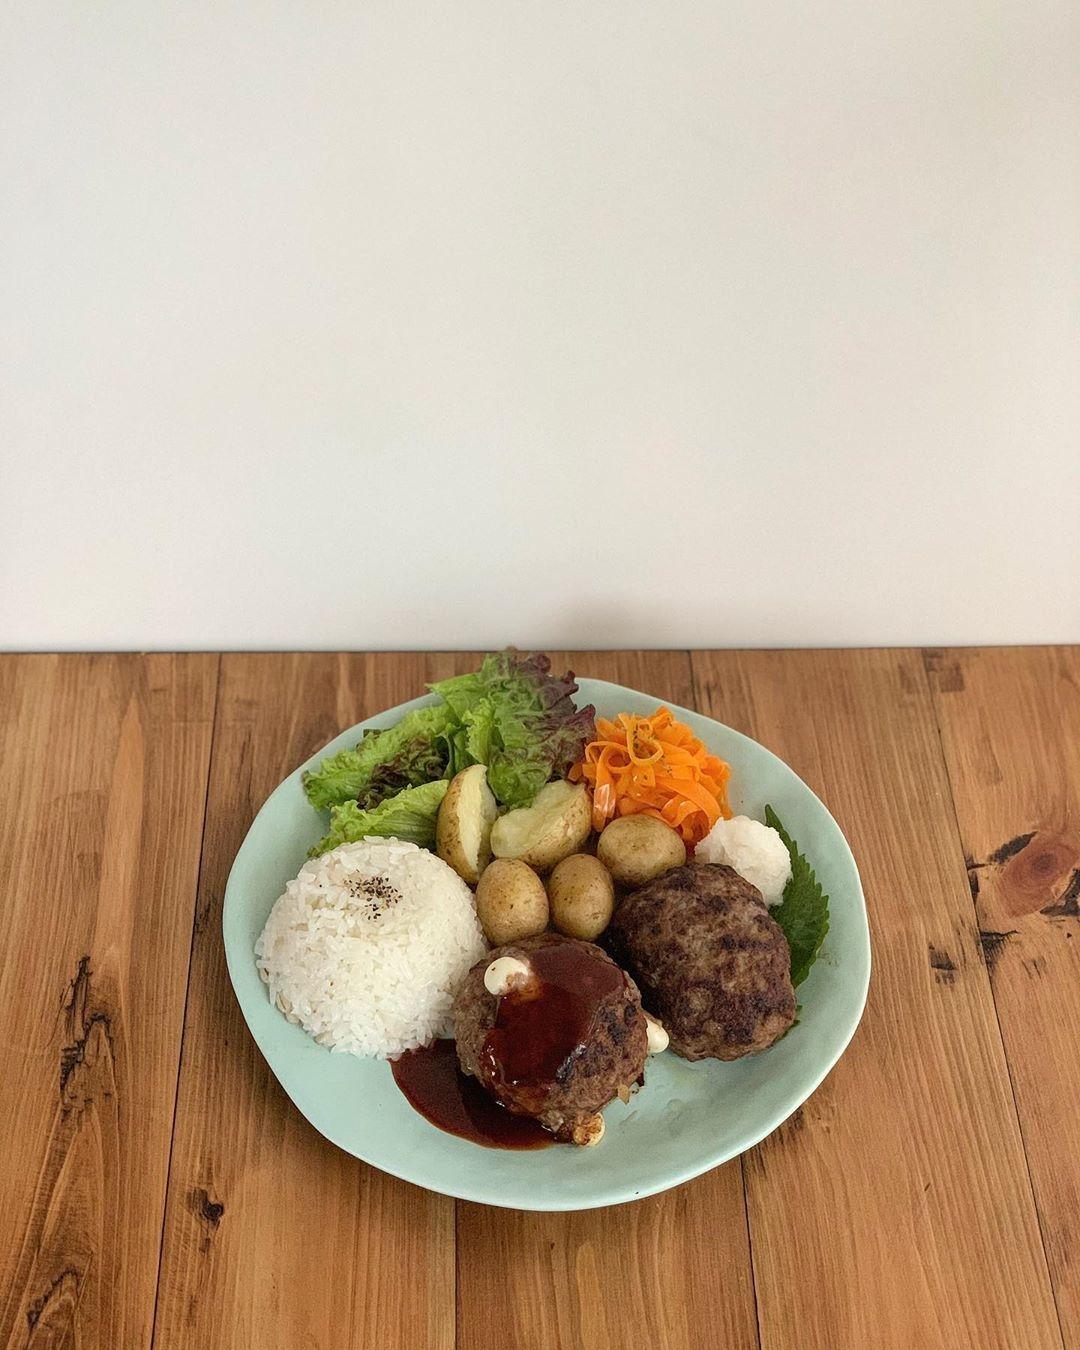 1|ガッツリ食べて欲しい'ハンバーグ'